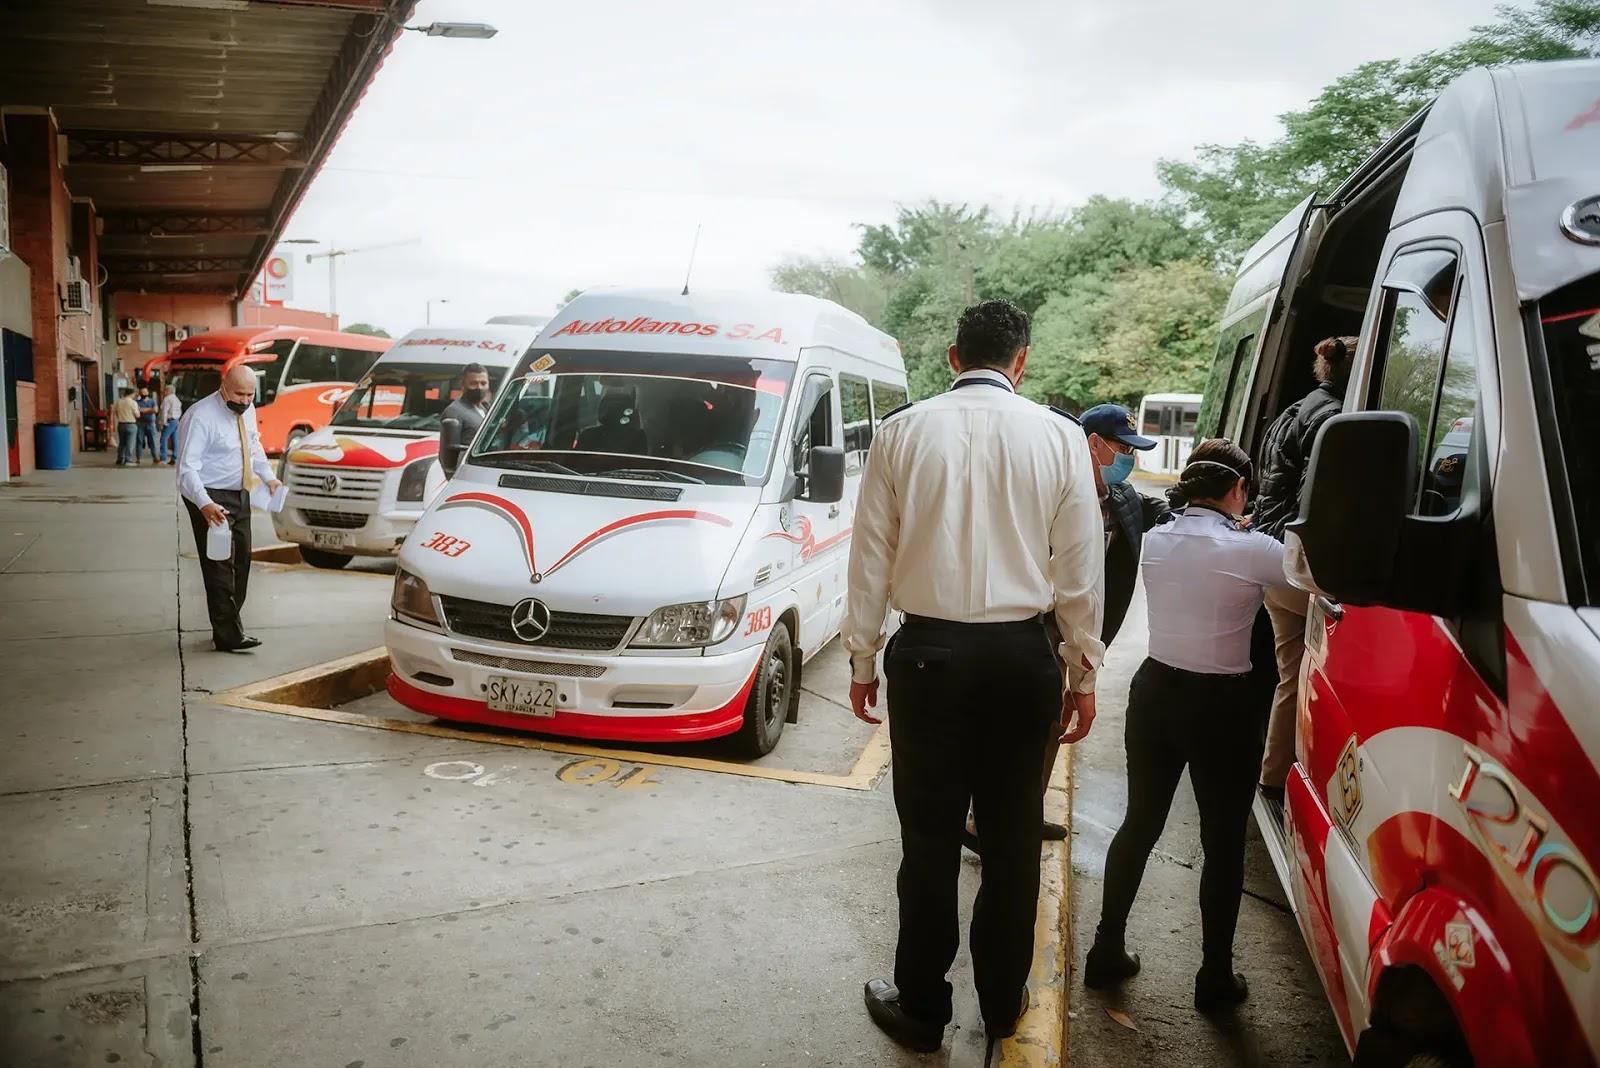 El alcalde de Villavicencio, Felipe Harman Ortiz, denunció la compleja situación que se vive al interior de la Terminal de Transportes